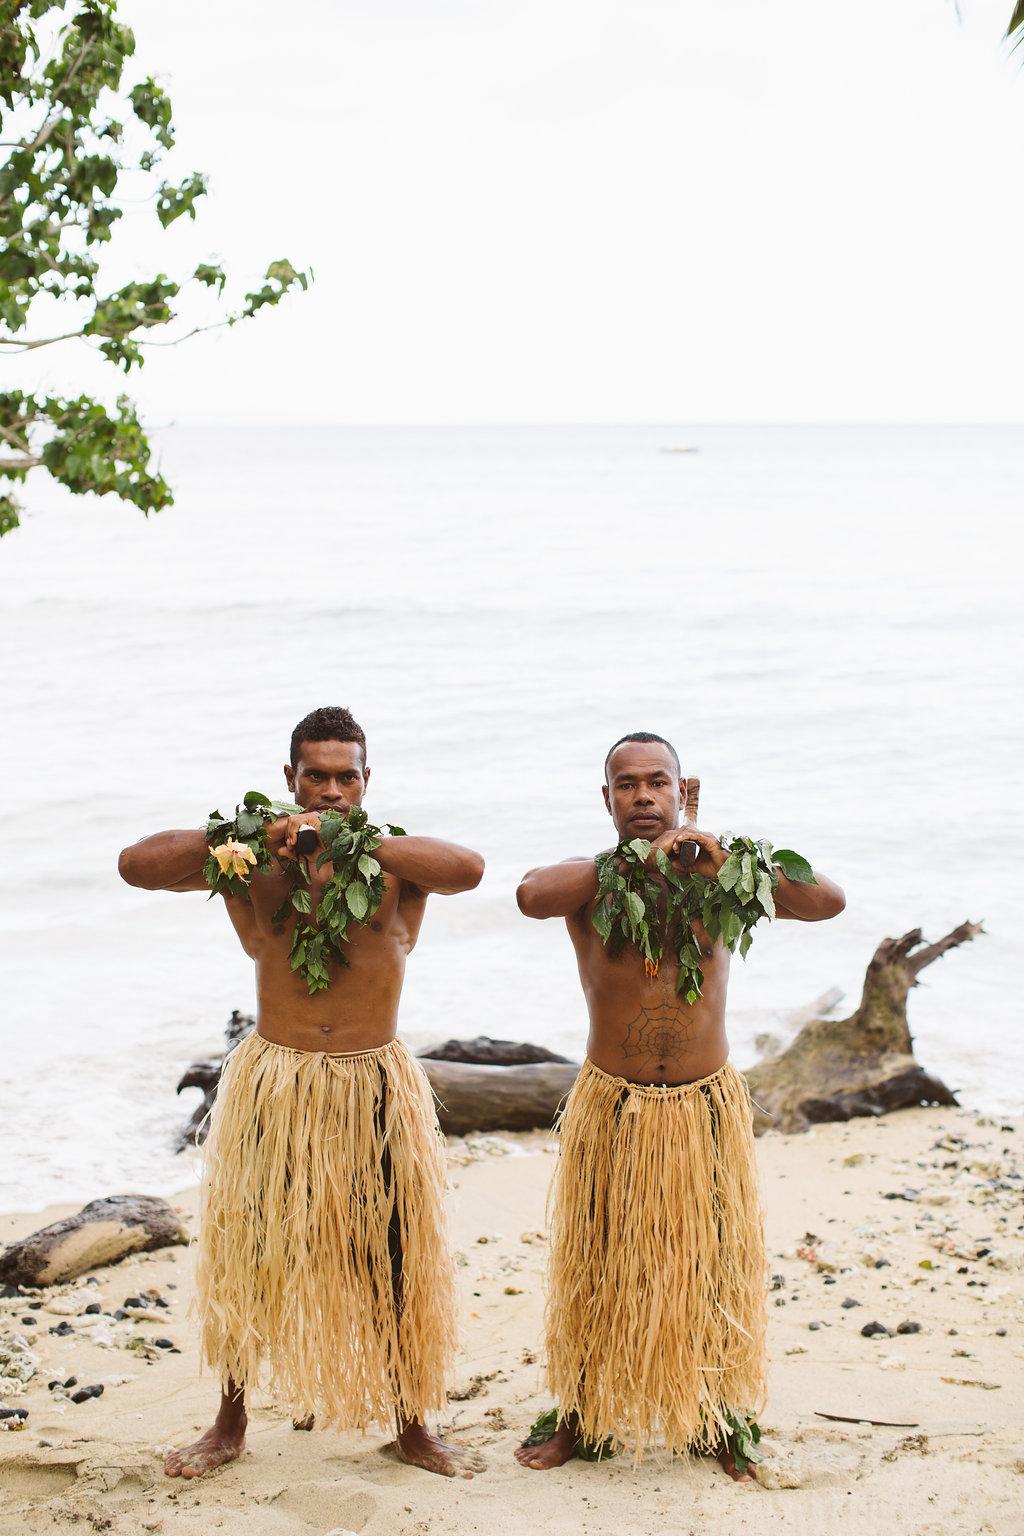 Fijian Wedding Warriors - Luxury Fiji Wedding or Elopement - The Remote Resort Fiji Islands - Off the beaten path ceremonies